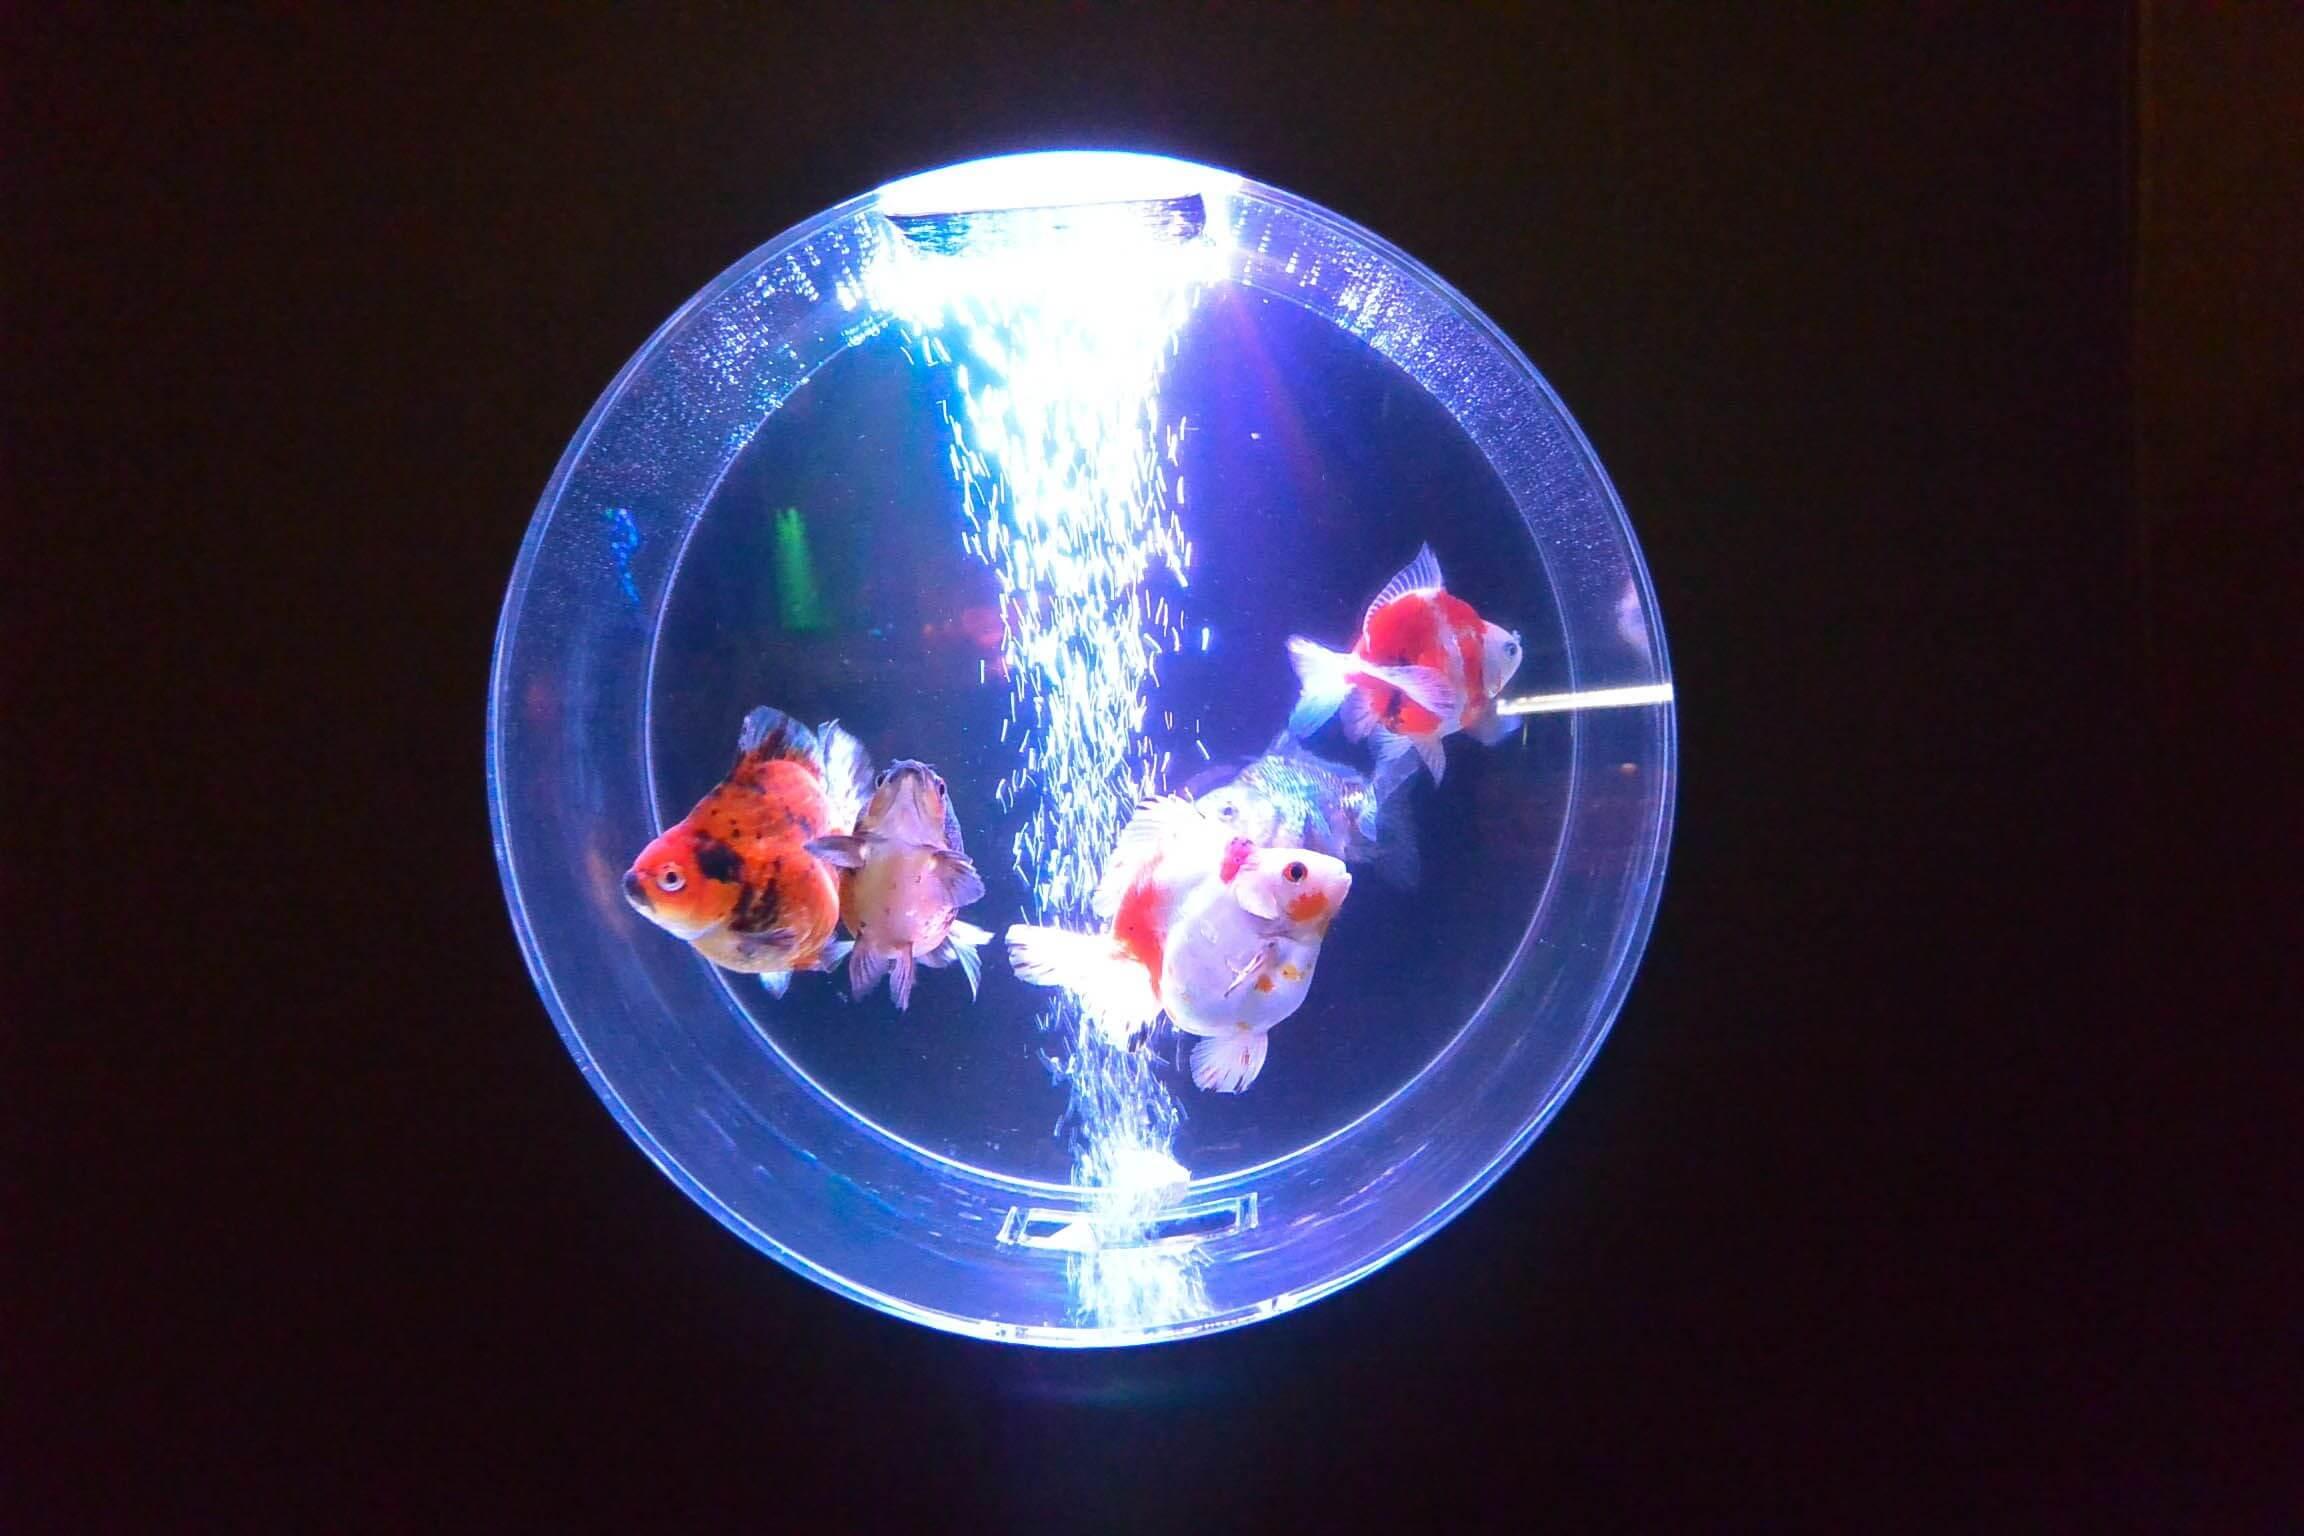 可以欣賞到夢幻金魚水族館的「~水族館 IN 大阪京瓷巨蛋 SKY HALL~」即將舉辦 水族館_、